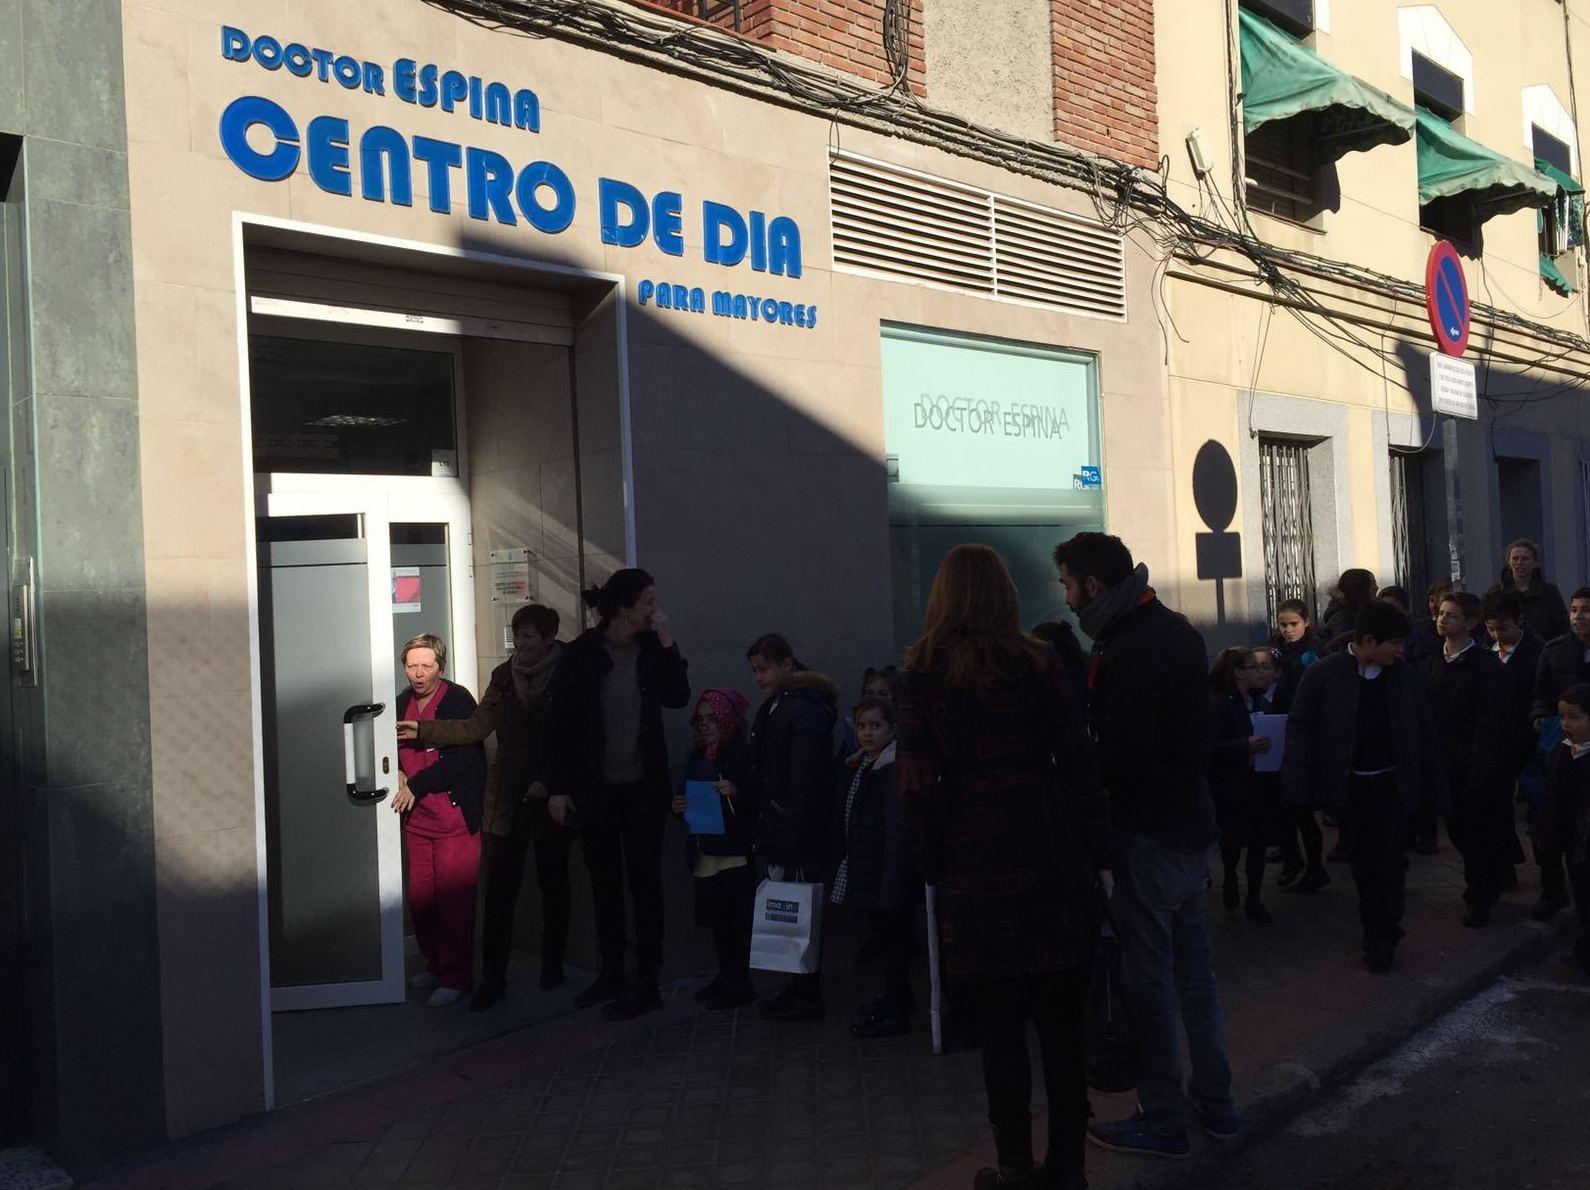 Foto 27 de Centros de día en Madrid | Centro de Día para Mayores Doctor Espina